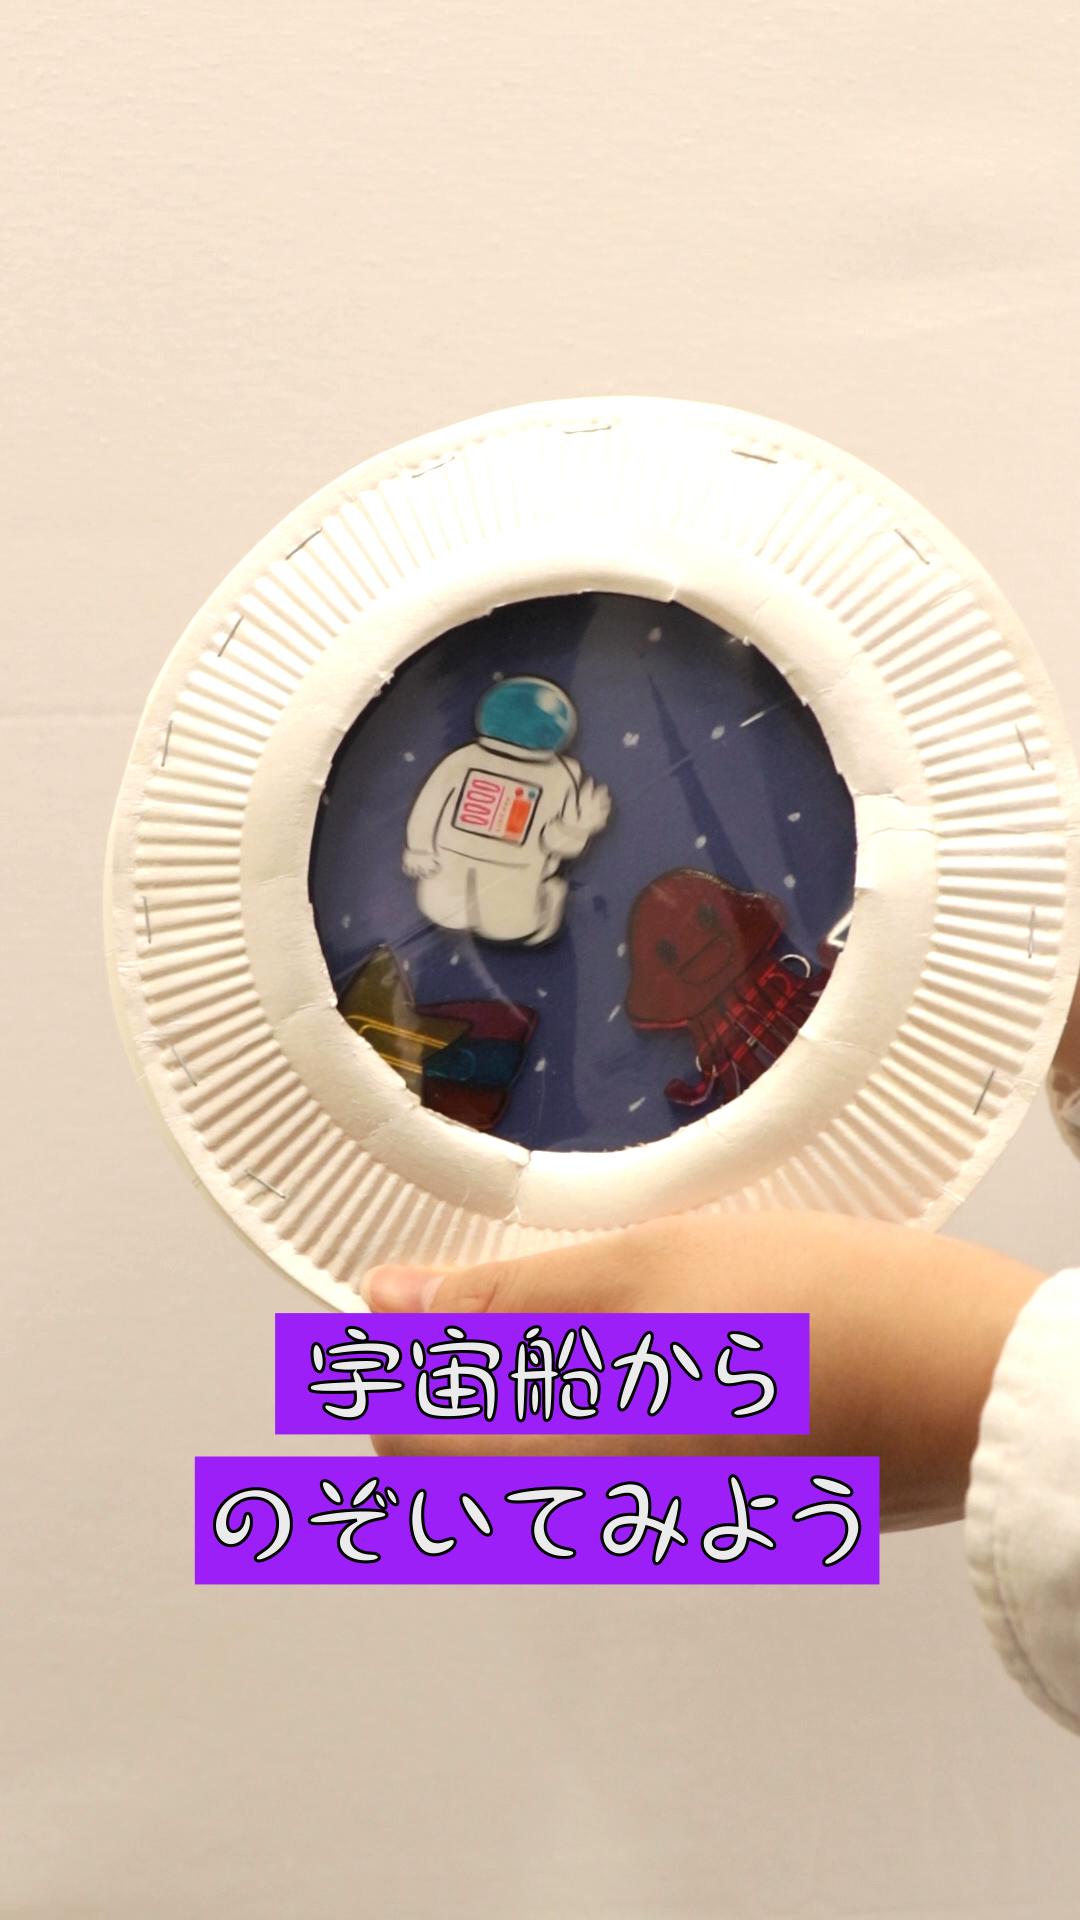 【動画】宇宙船からのぞいてみよう